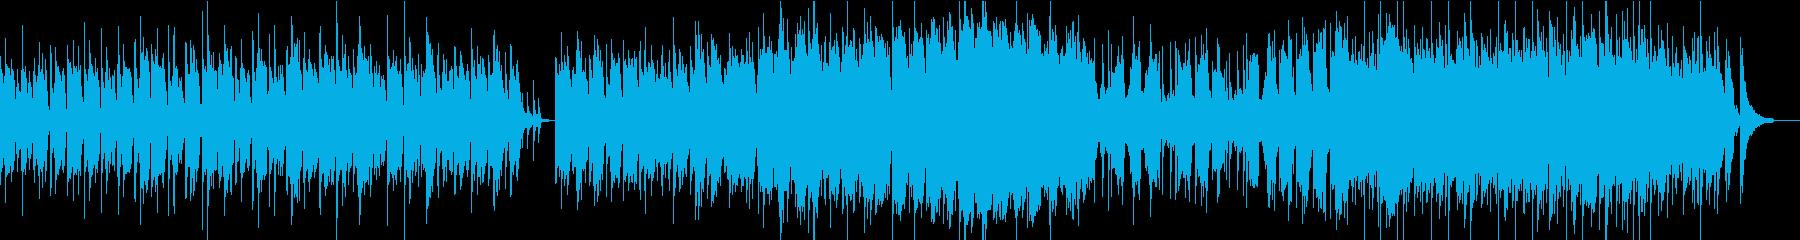 生演奏ギター感動ストリングス/企業VP等の再生済みの波形